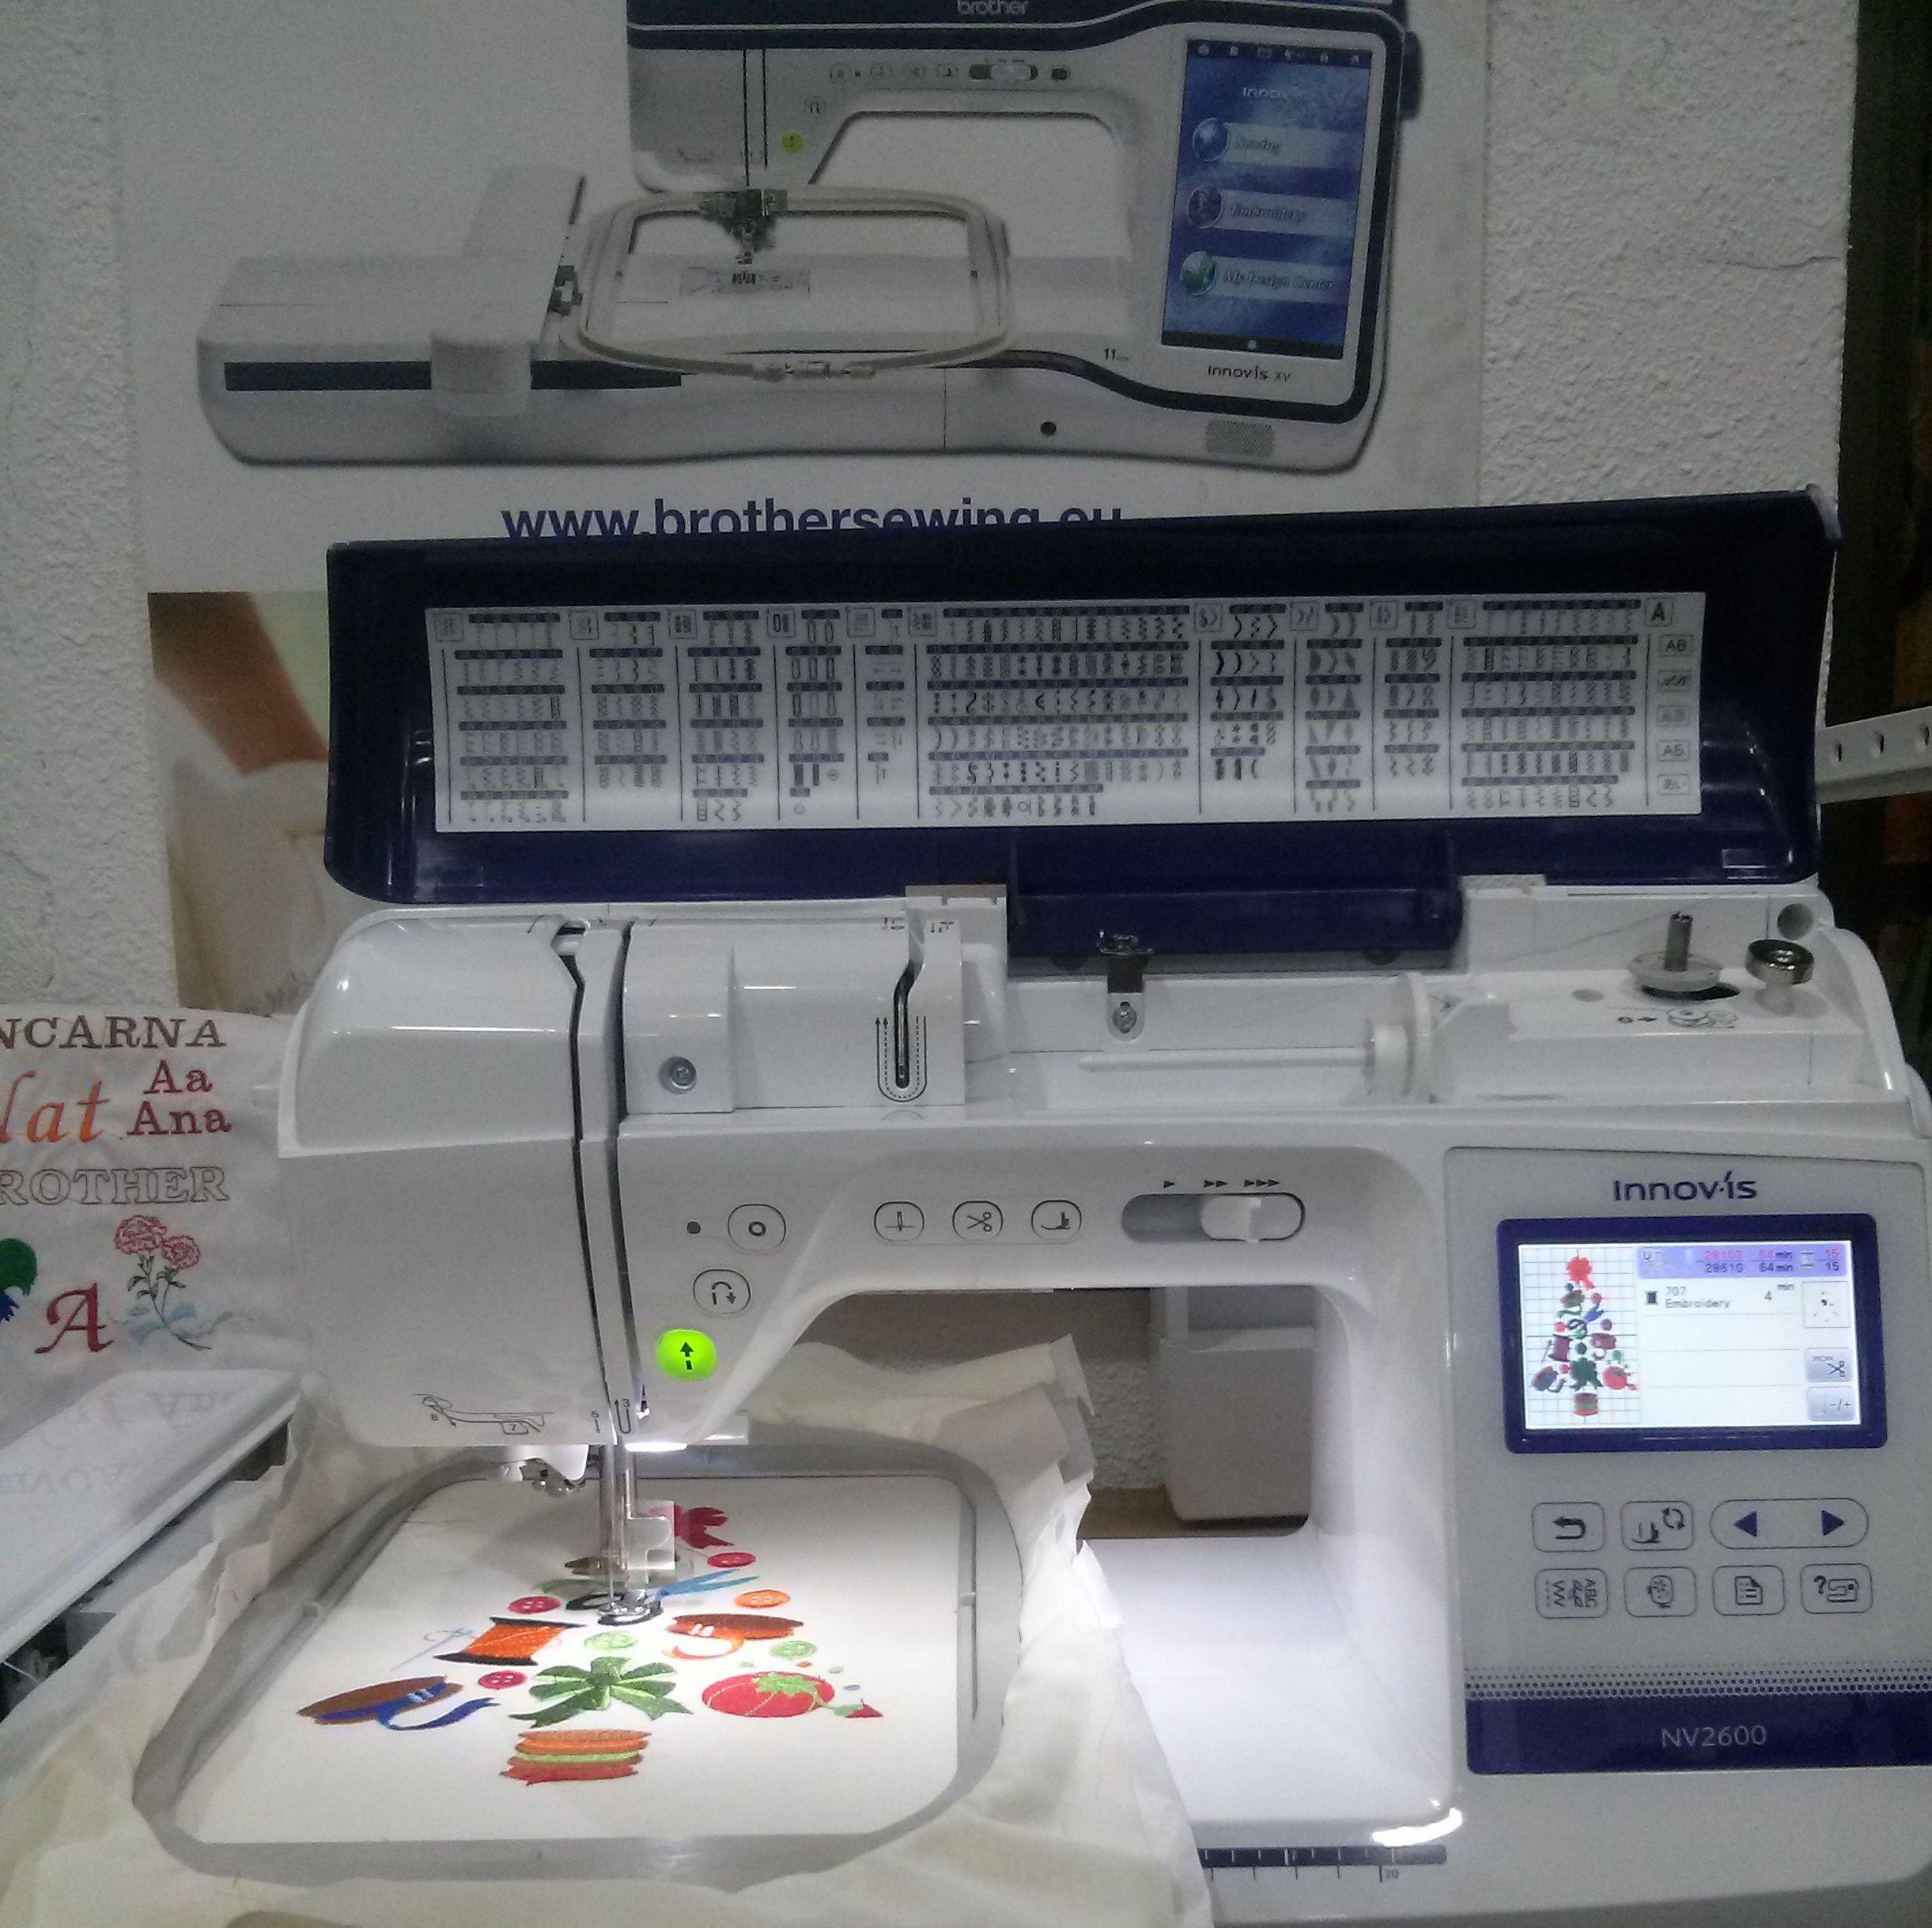 Maquinas de bordar y coser BROTHER: Servicios y Productos de Máquinas de Coser Vicente Ruano